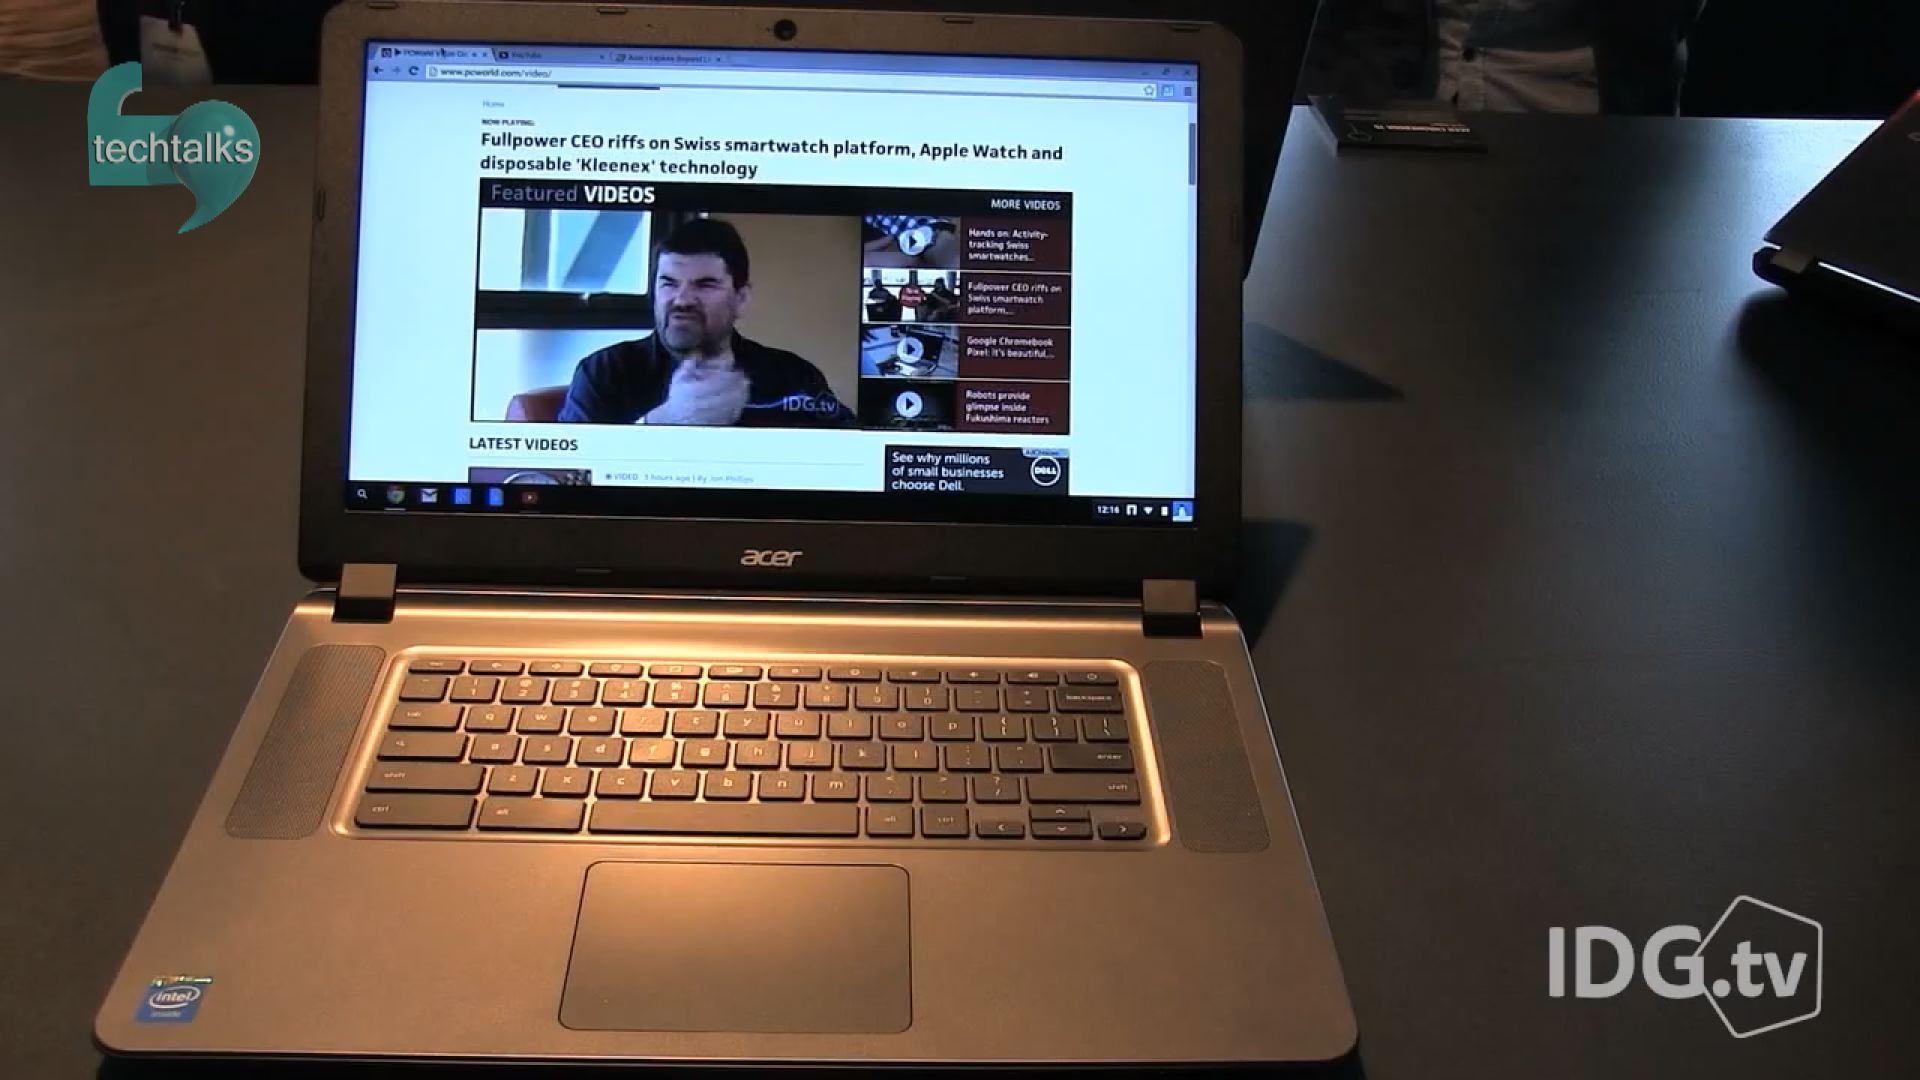 تک تاکس - ایسر یک جفت لپ تاپ با ویندوز 10 معرفی کرد - Techtalks.ir